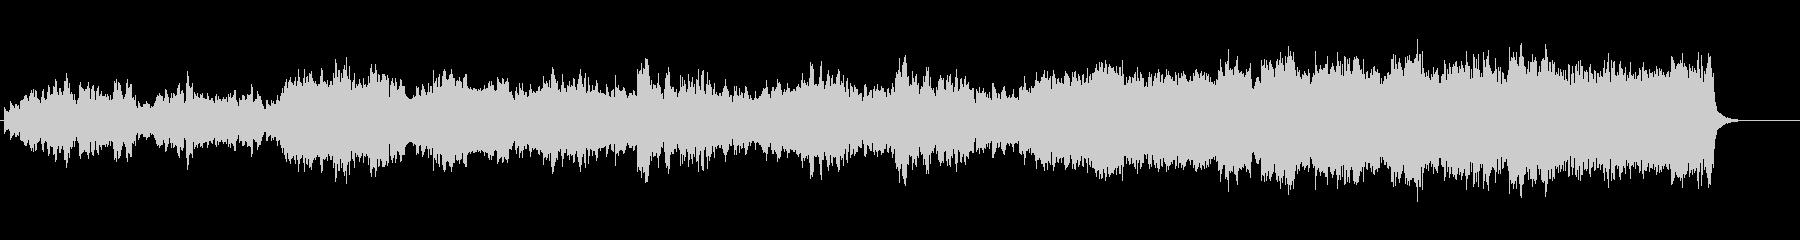 化石から想像する壮大なオリジナル曲の未再生の波形